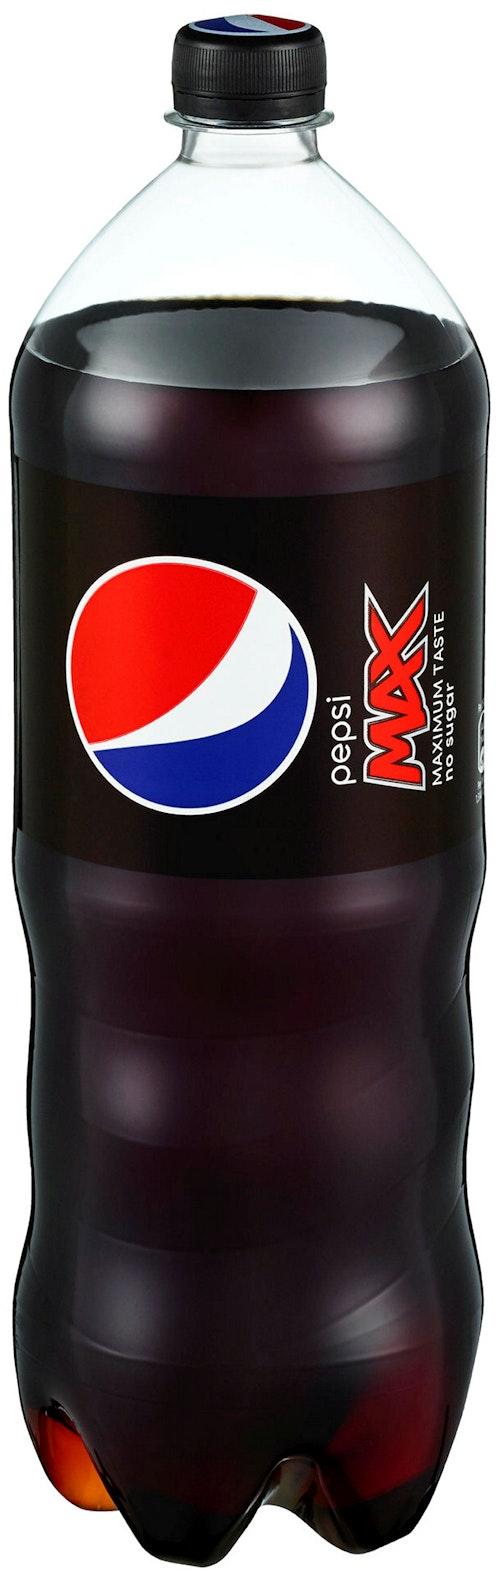 PepsiCo Pepsi Max 1,5 l